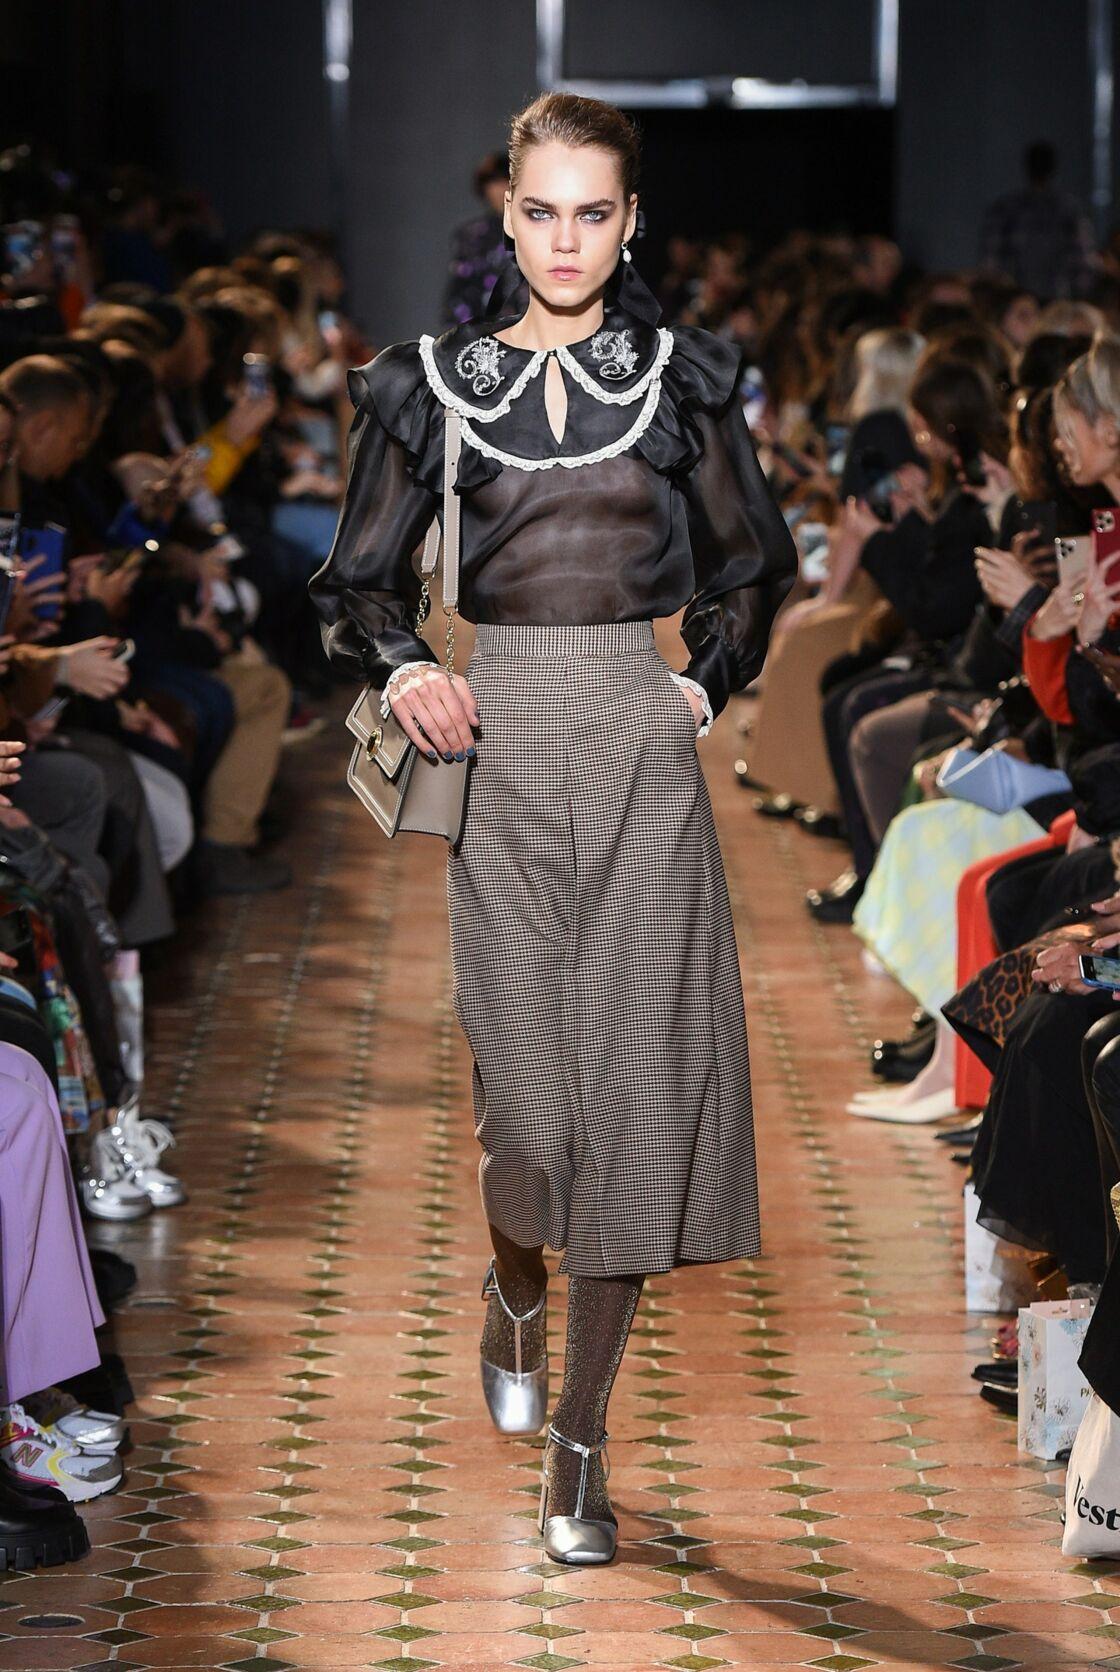 Sur les podiums de mode, le col Claudine revient en grâce, décliné en autant de textures que d'imprimés.